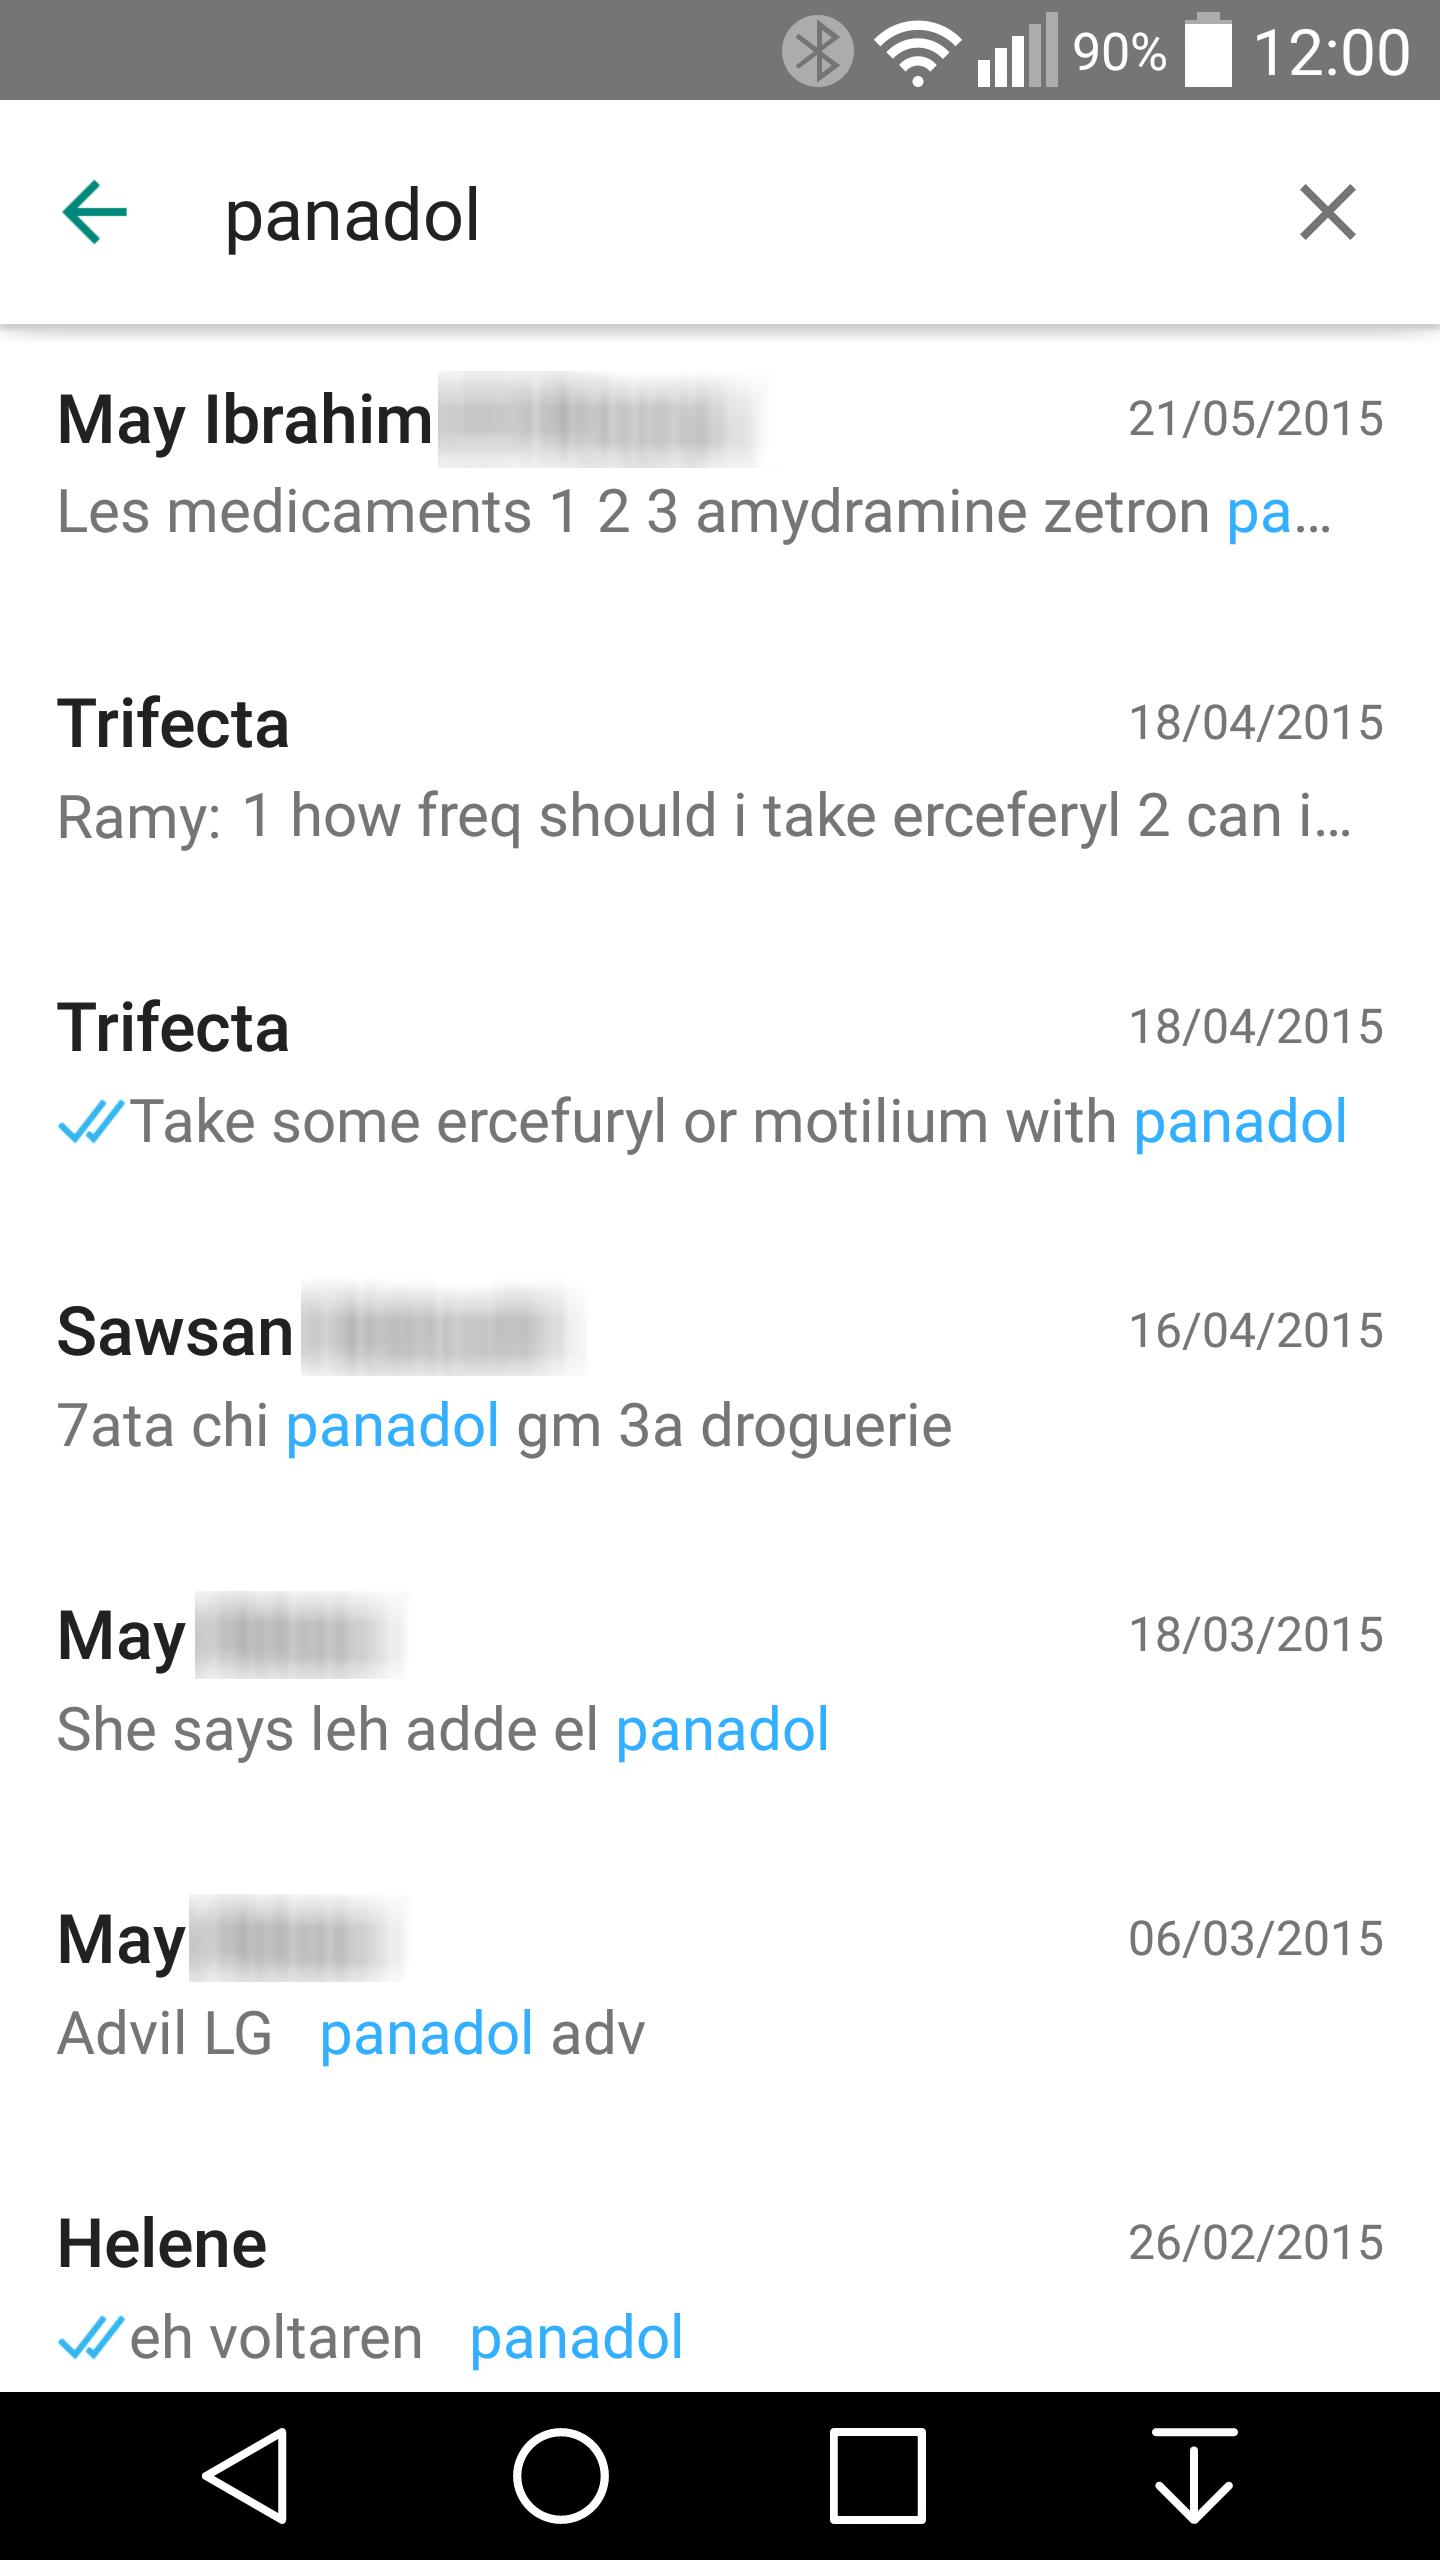 whatsapp-busquedas-conversaciones